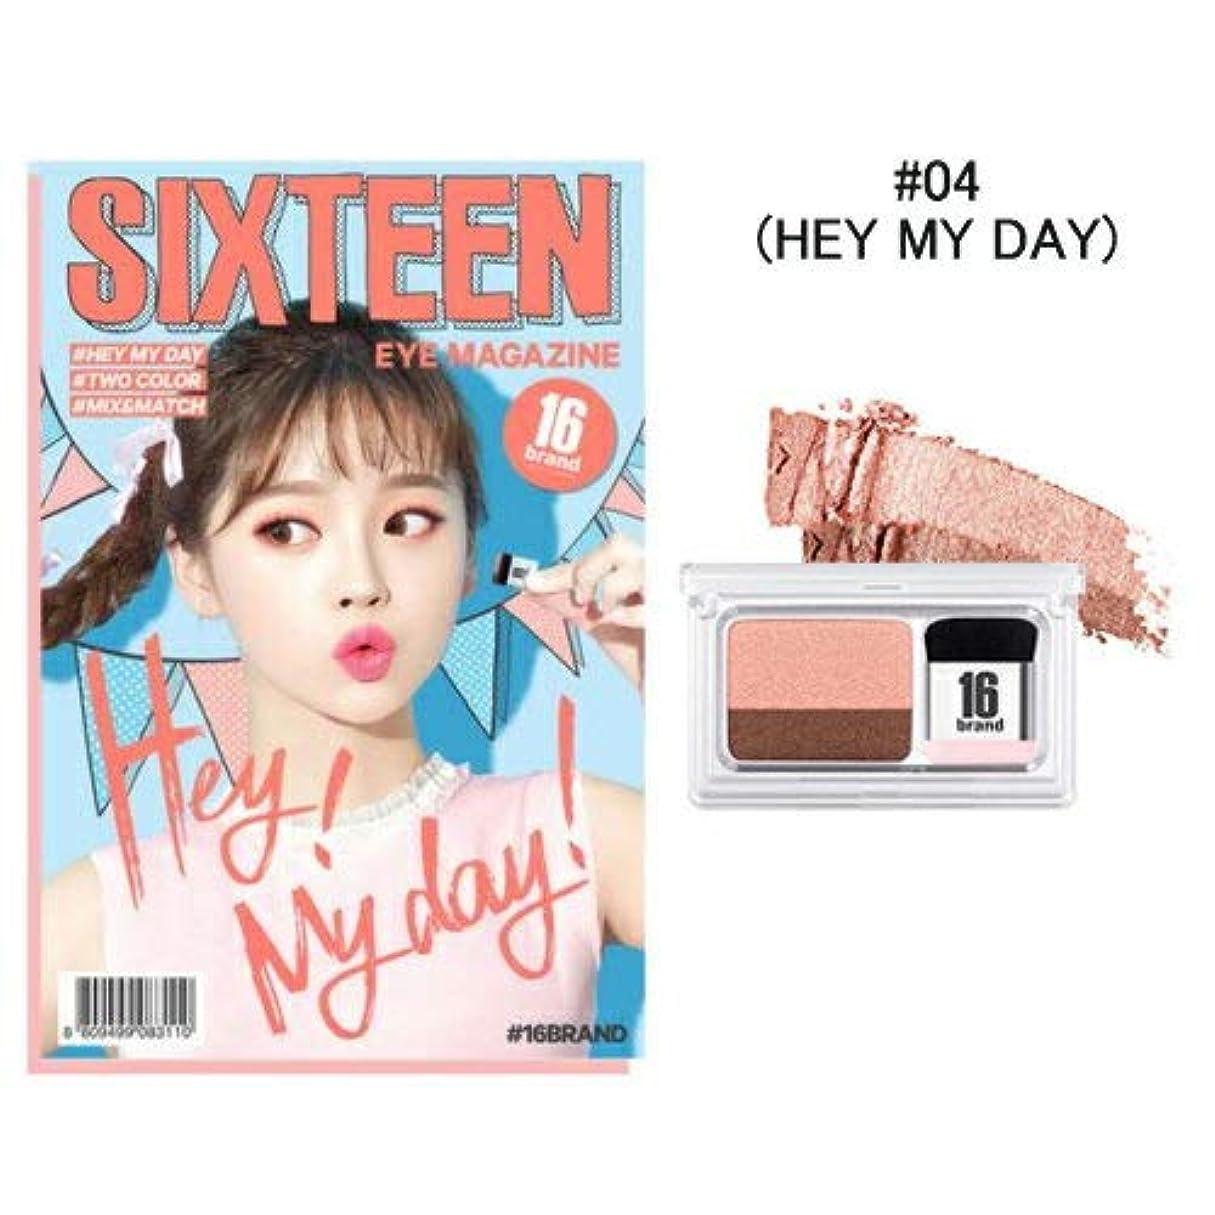 責めお気に入り型[New Color] 16brand Sixteen Eye Magazine 2g /16ブランド シックスティーン アイ マガジン 2g (#04 HEY MY DAY) [並行輸入品]